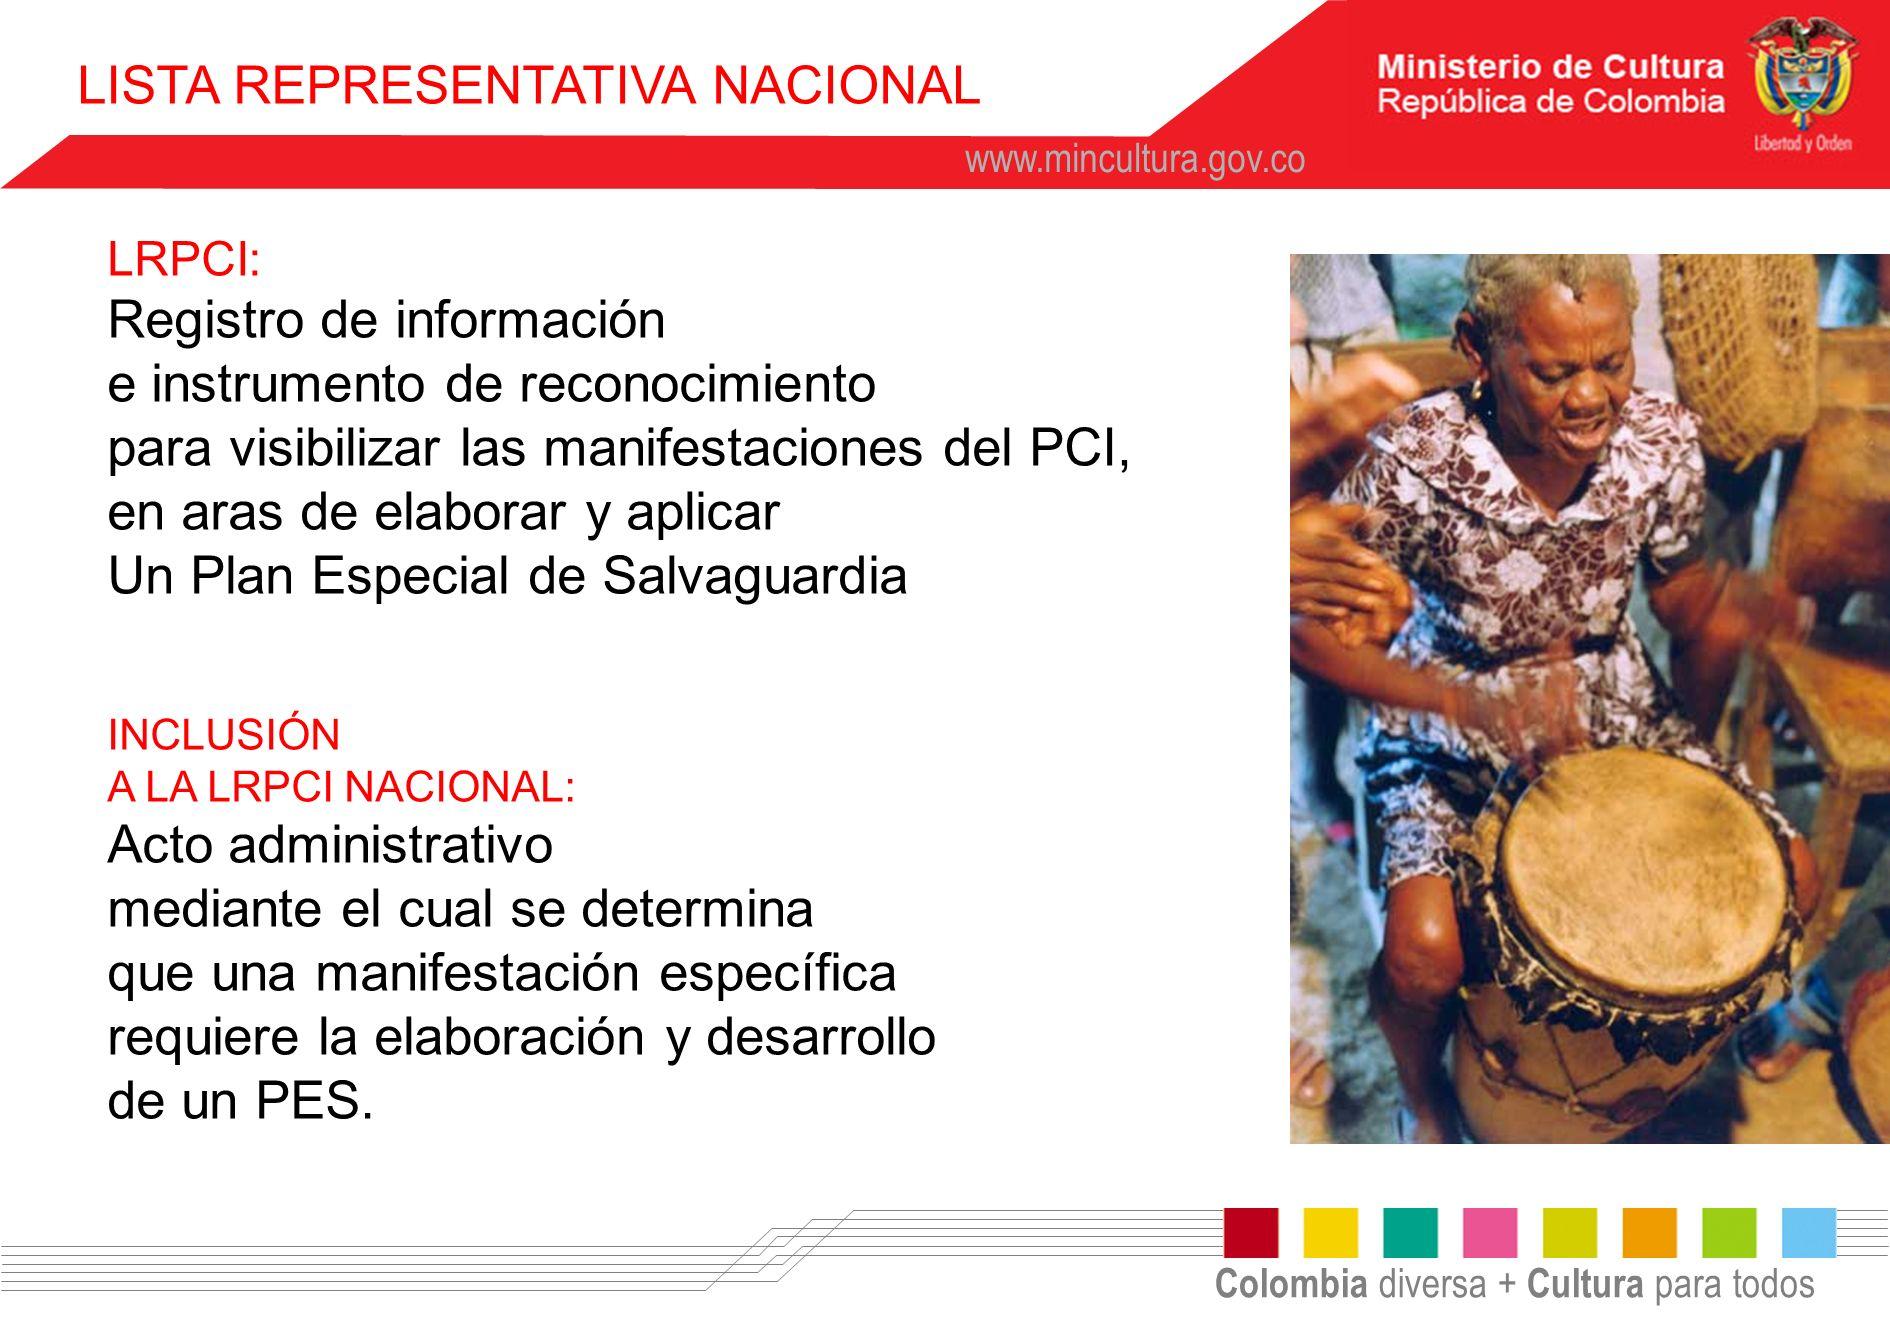 Colombia diversa + Cultura para todos www.mincultura.gov.co LRPCI: Registro de información e instrumento de reconocimiento para visibilizar las manife